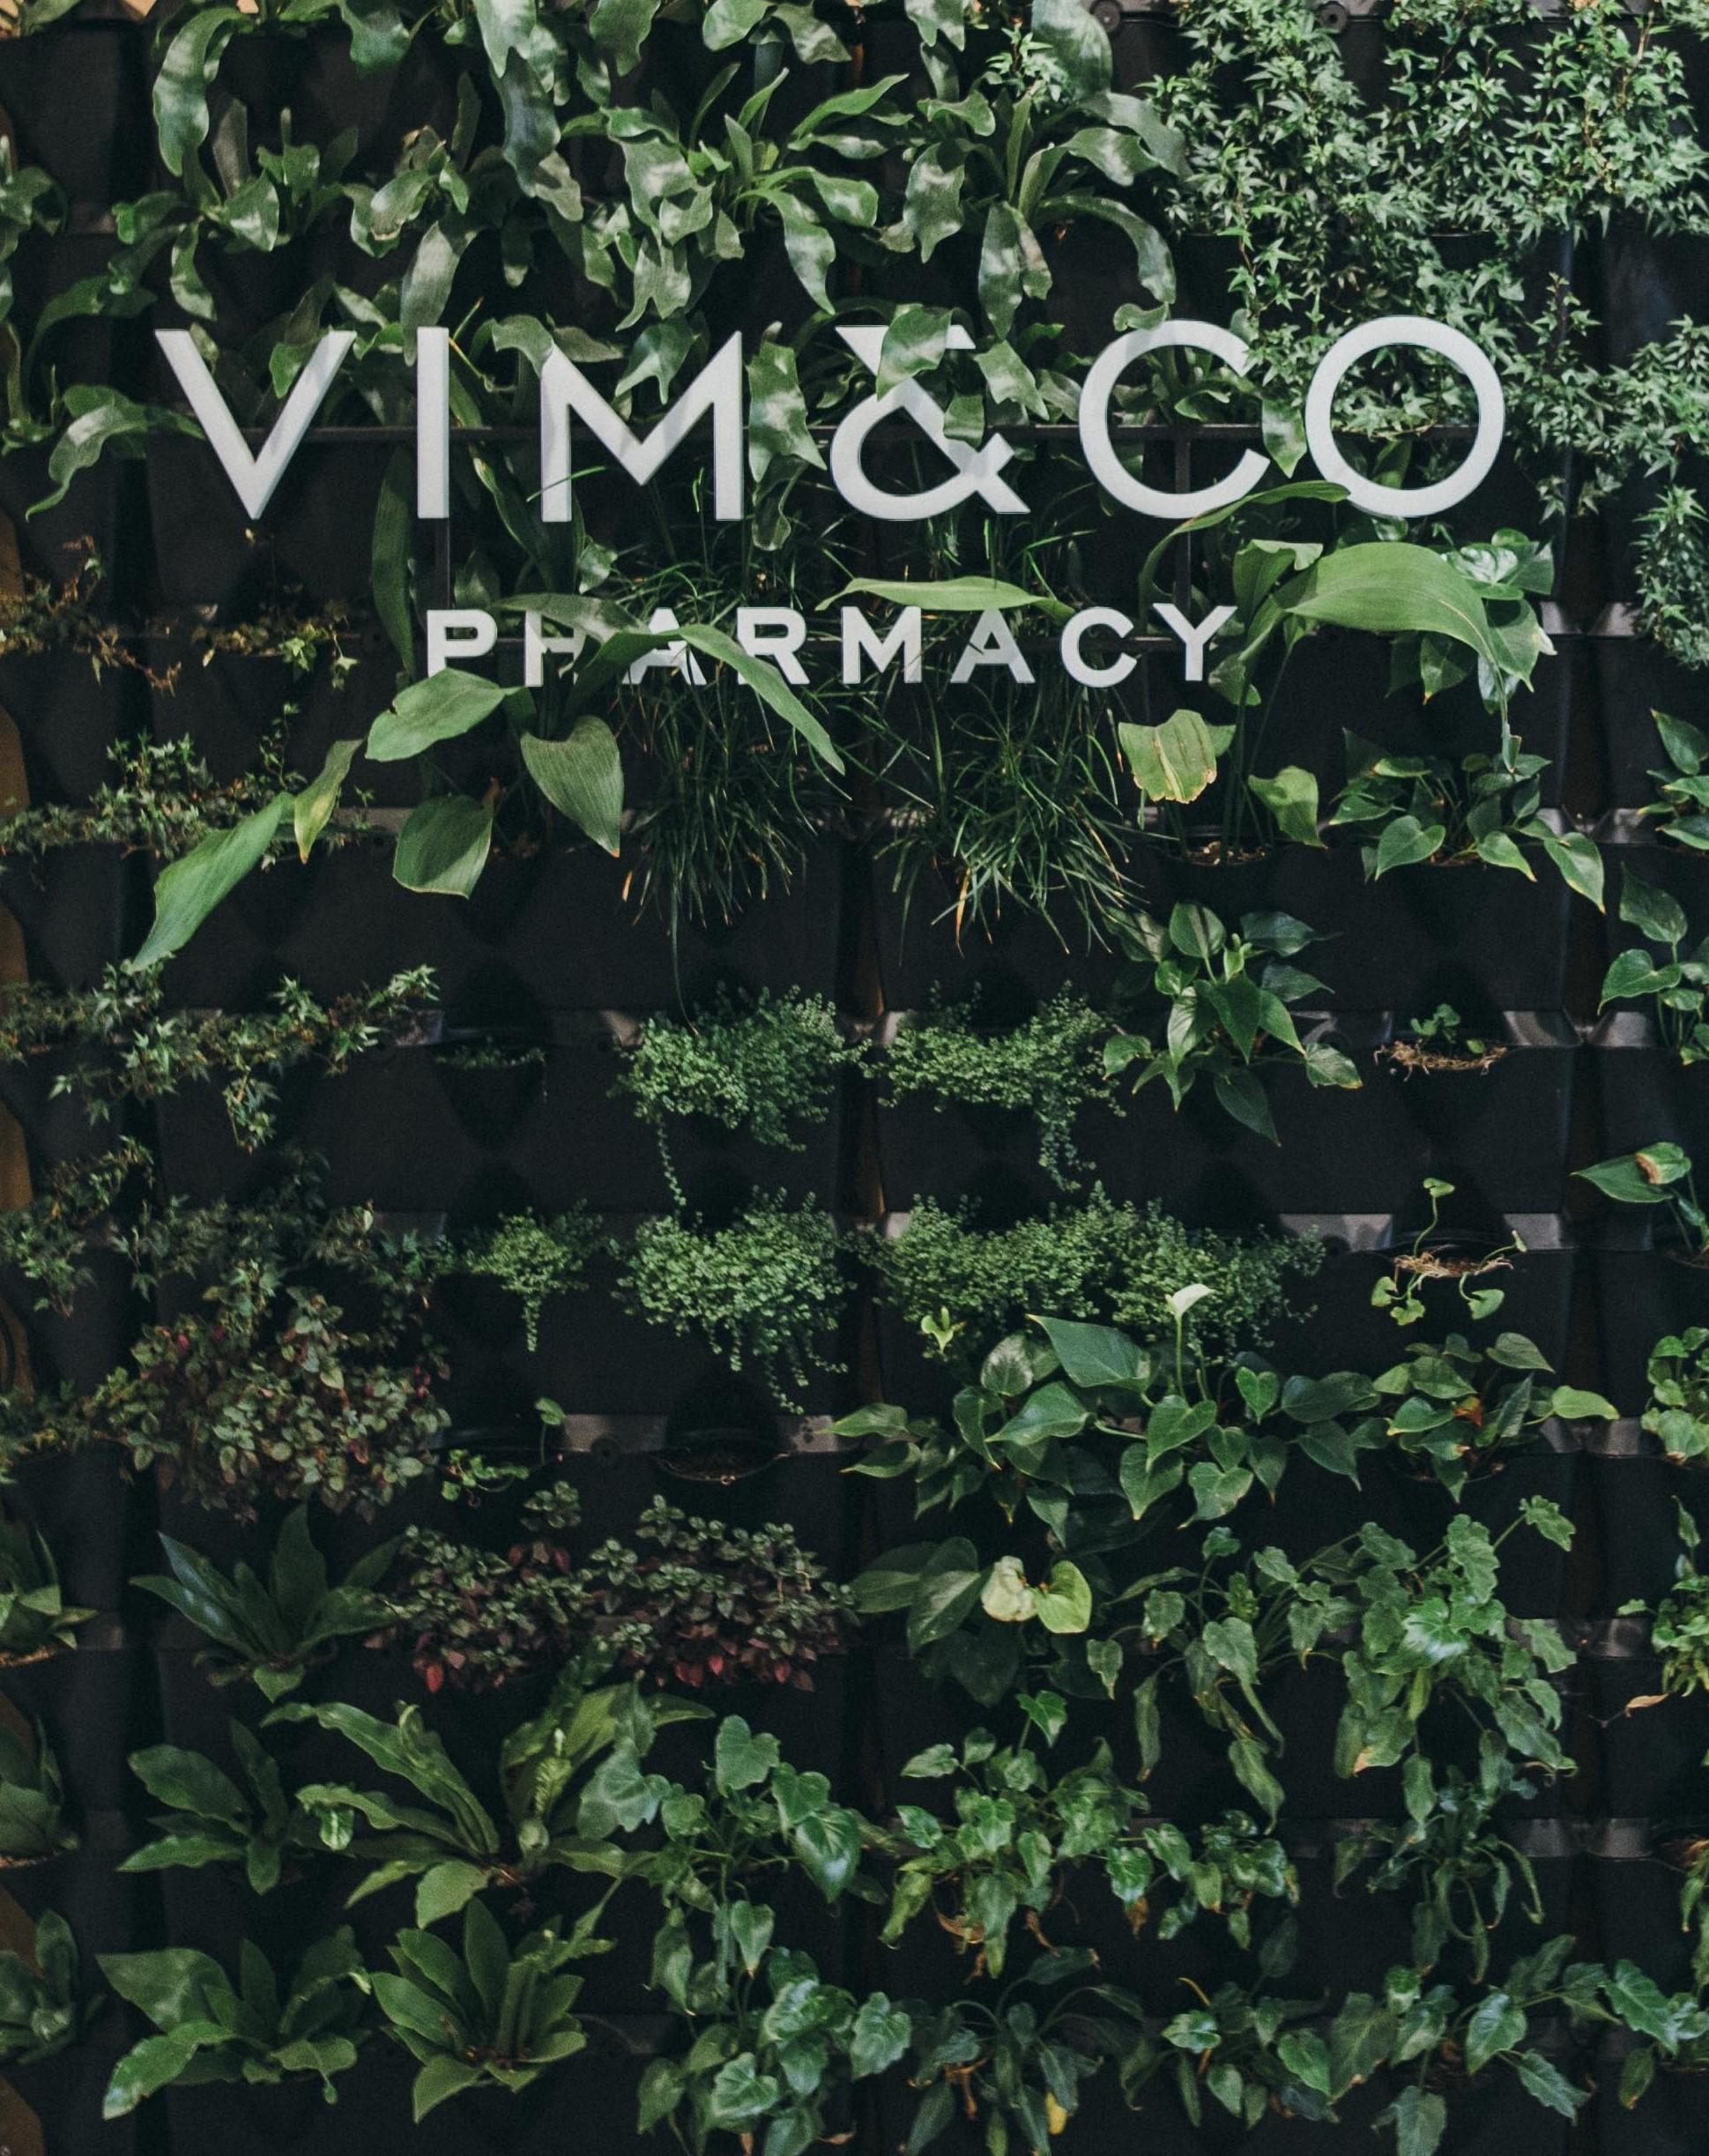 vim & co. pharmacy